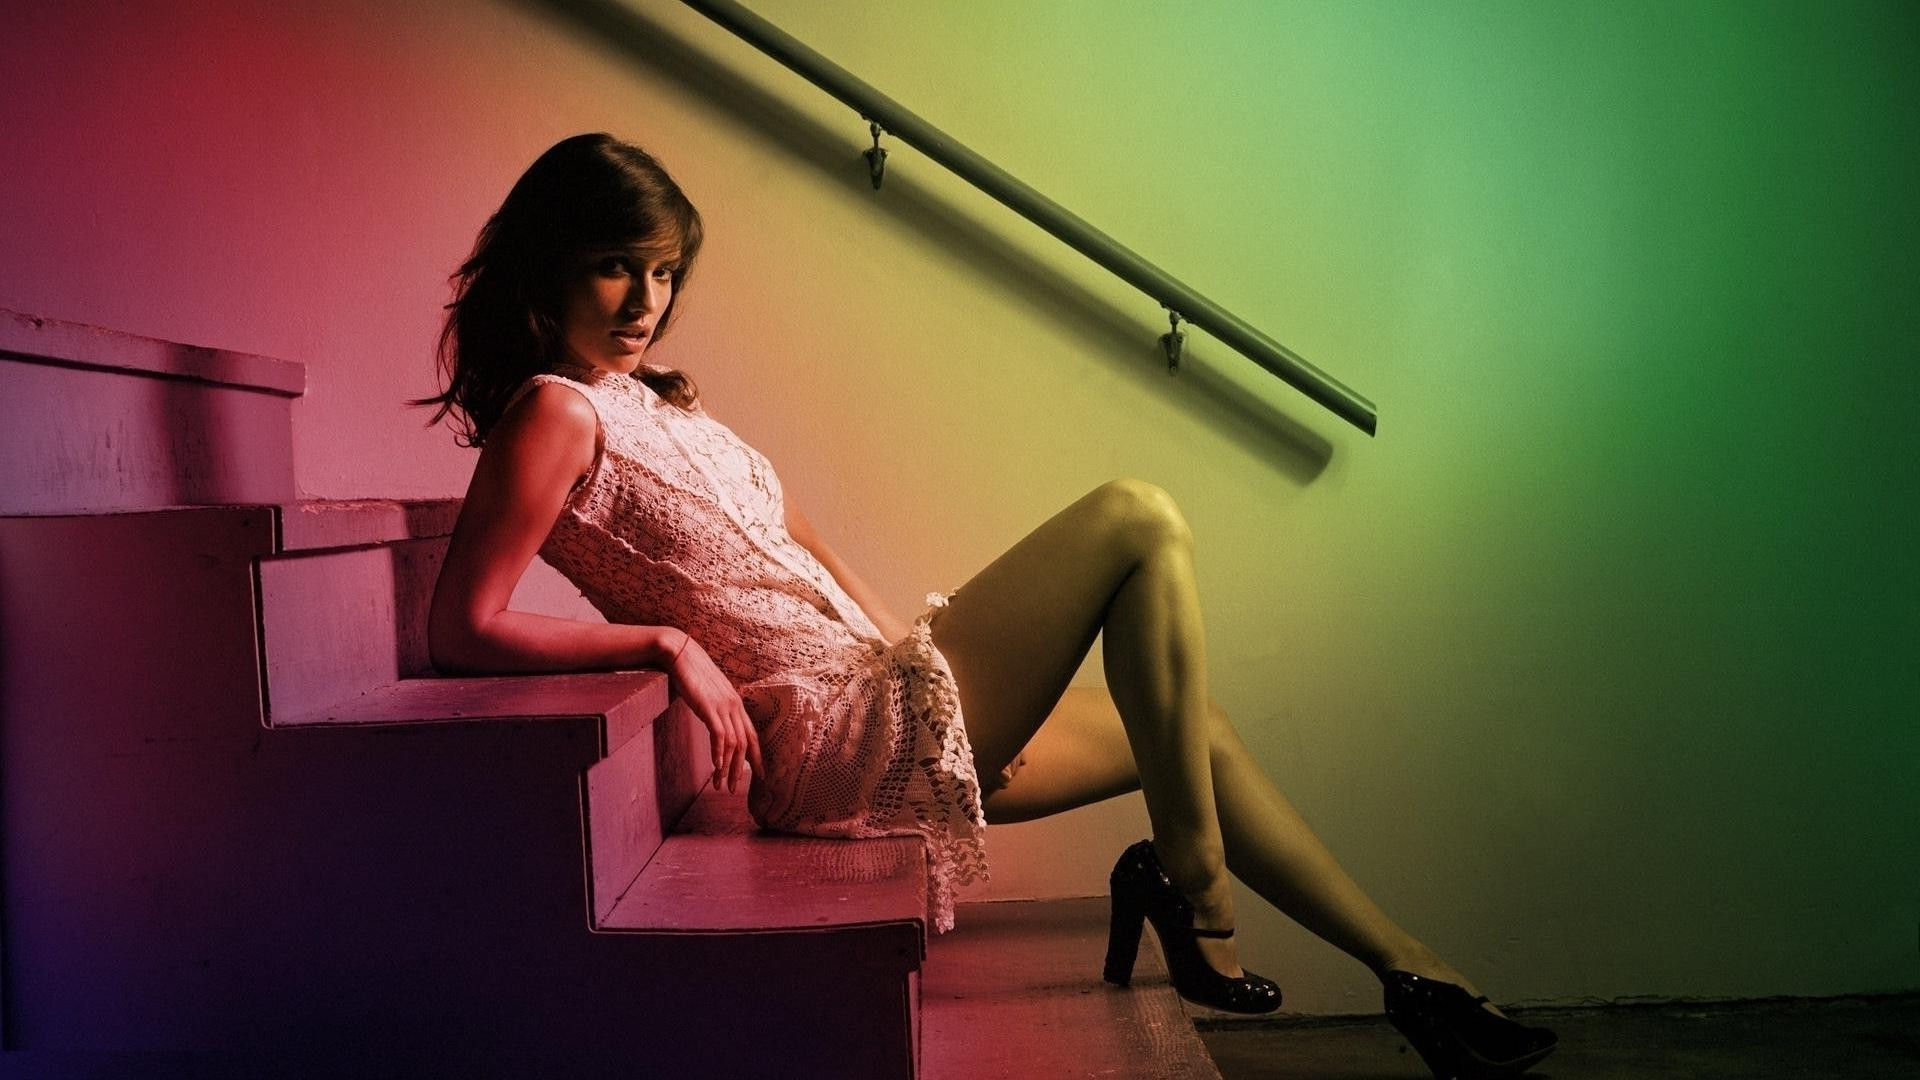 Видео очень красивой девушки на лестнице #5